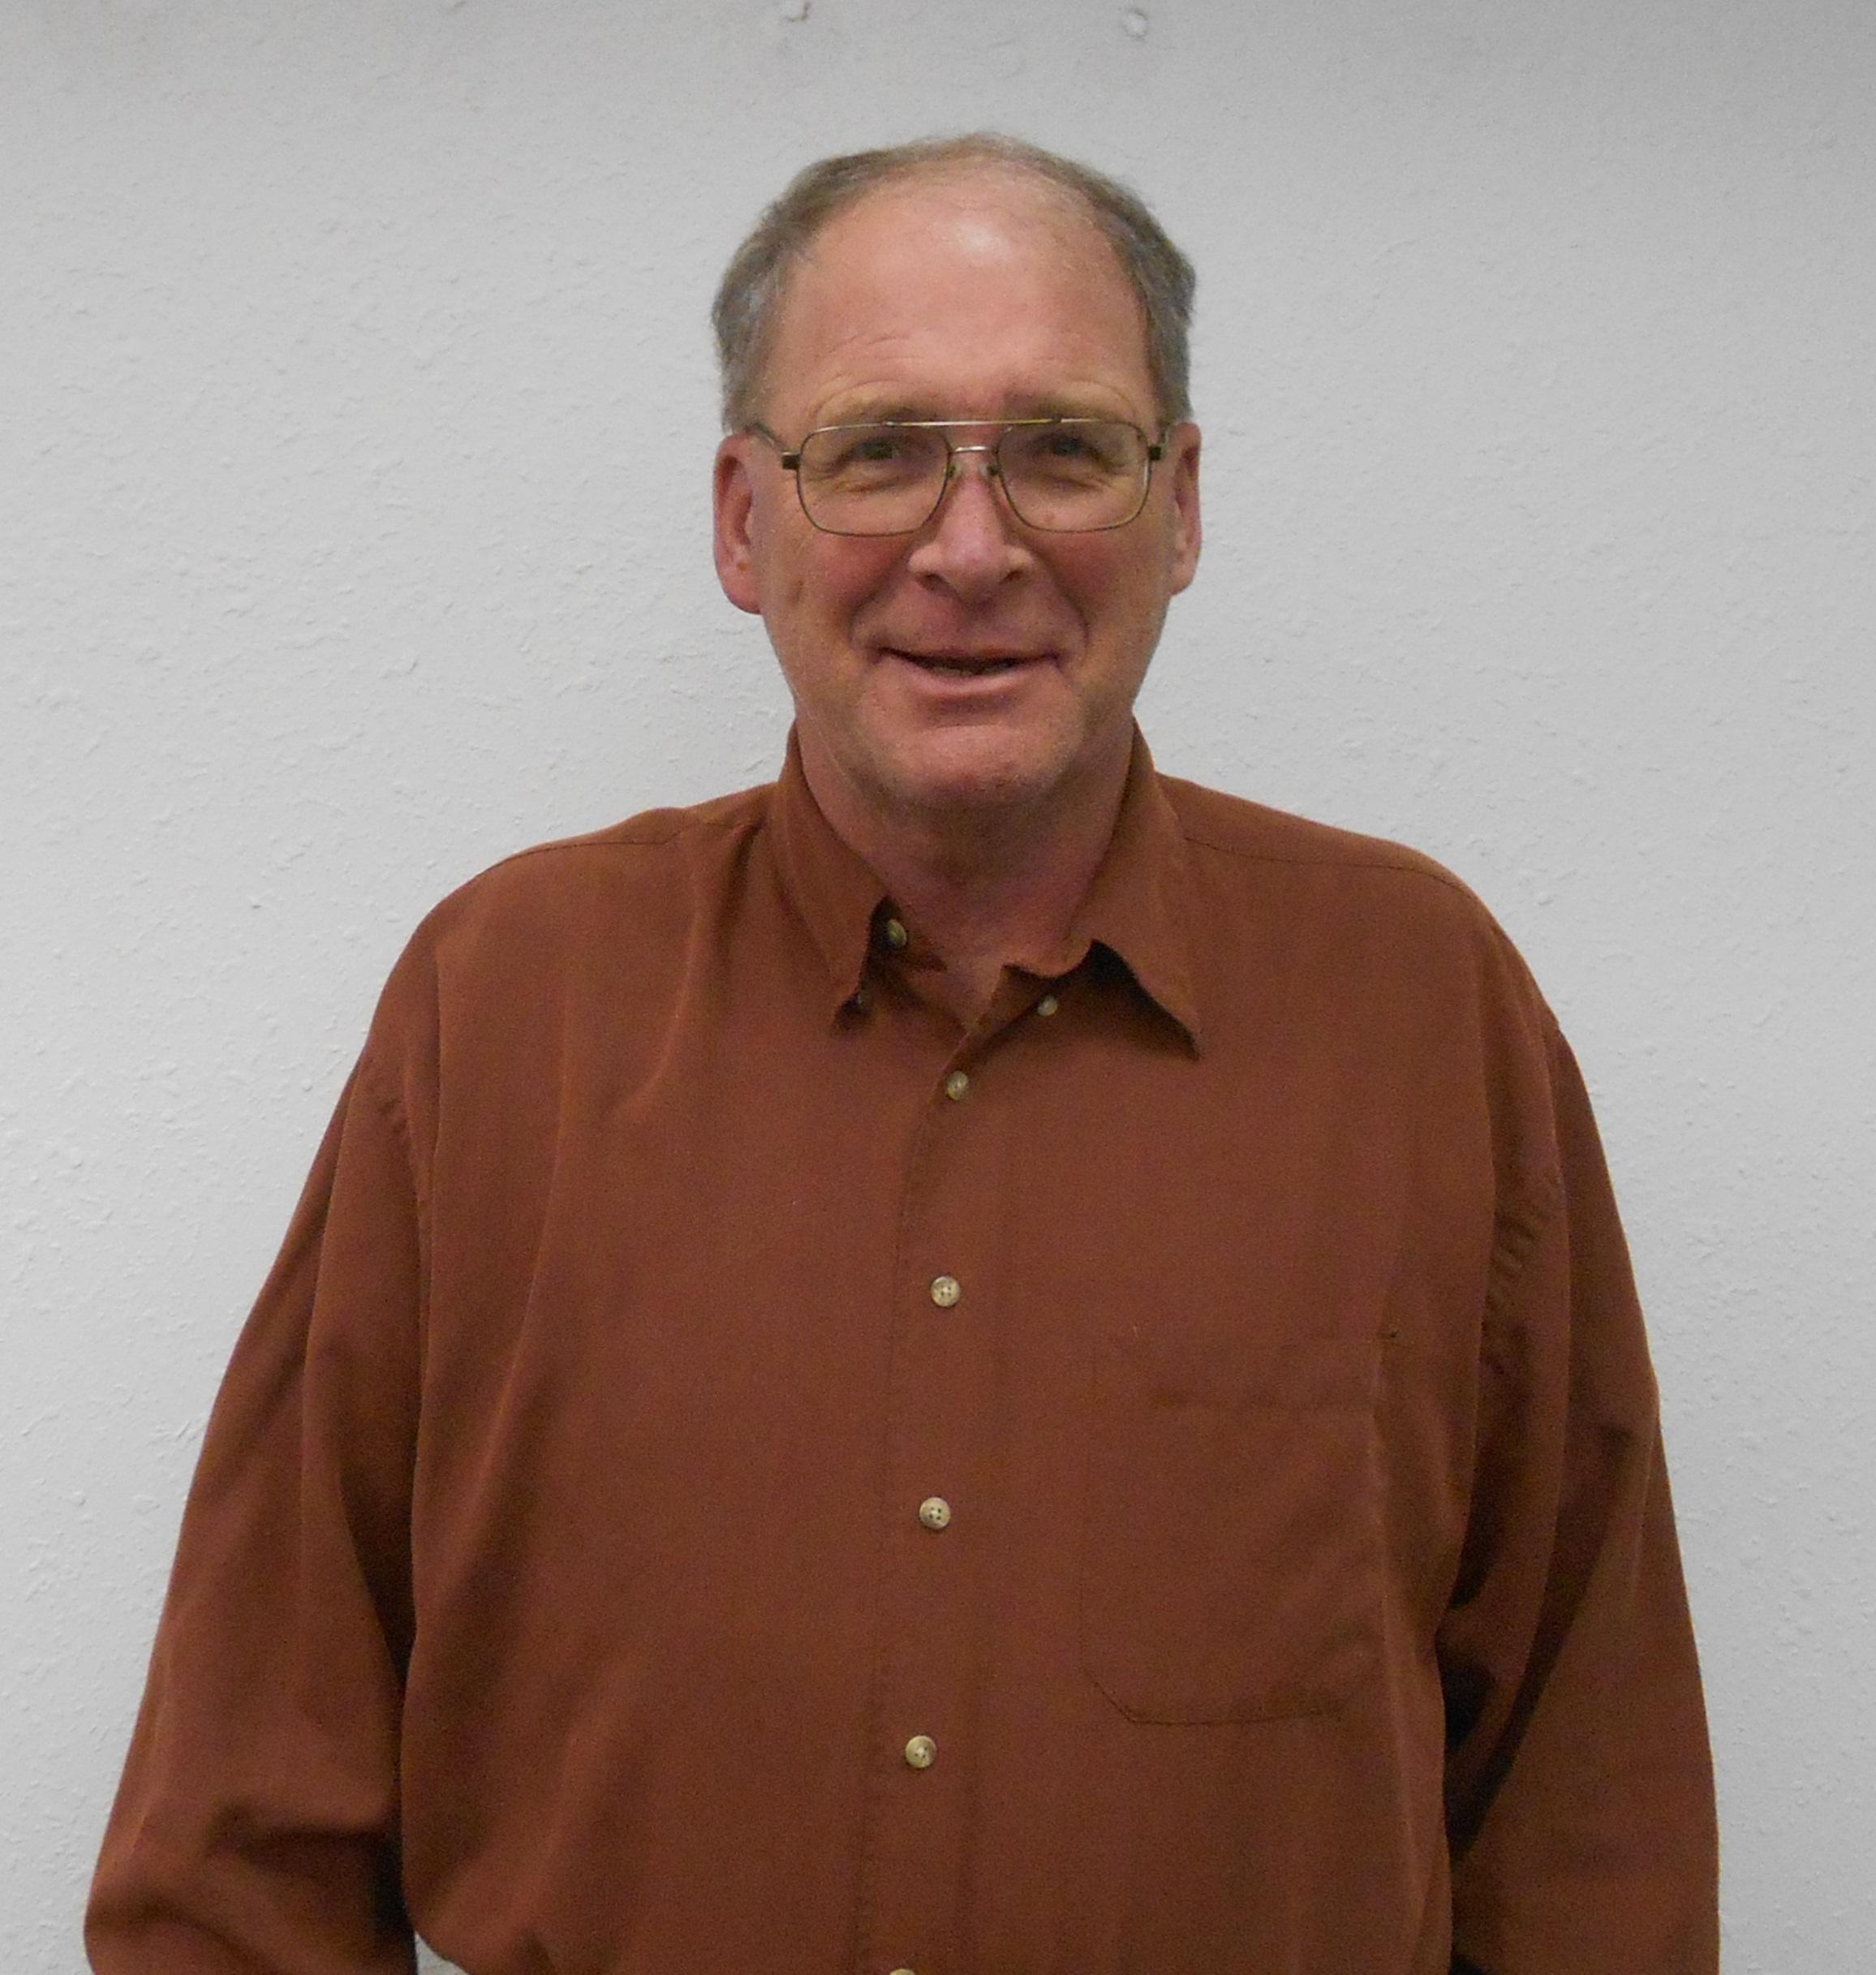 Brad Schramm